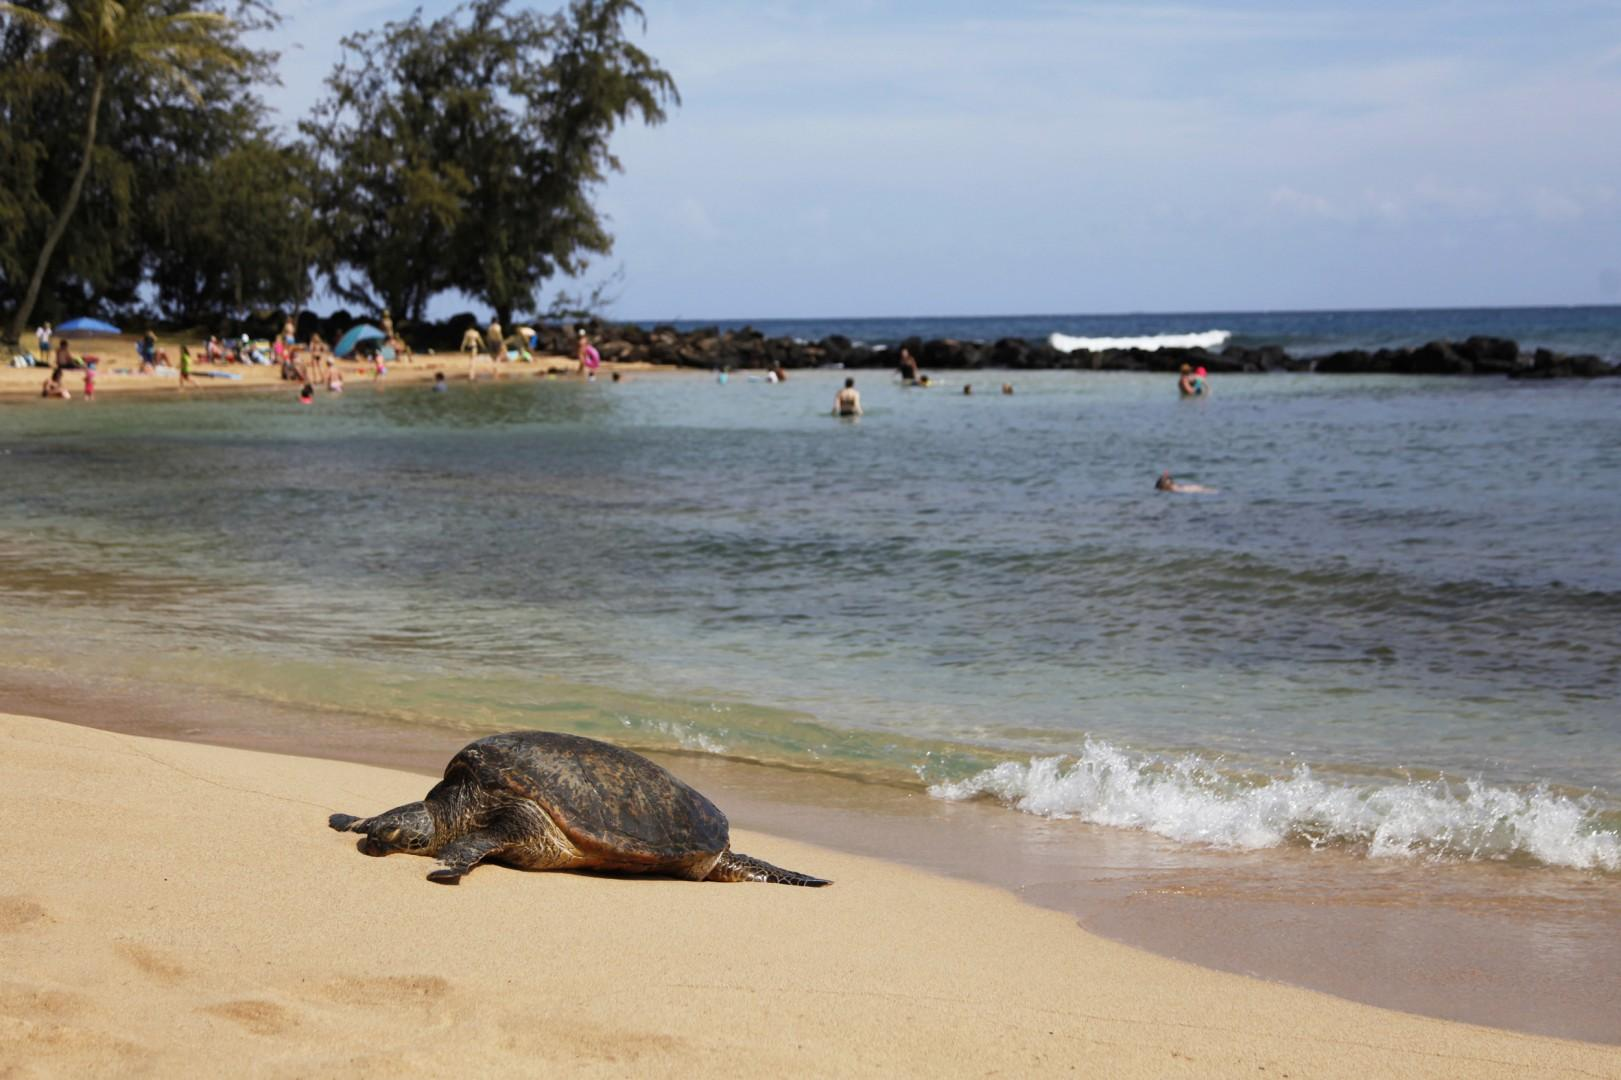 Honu relaxing on Poipu beach